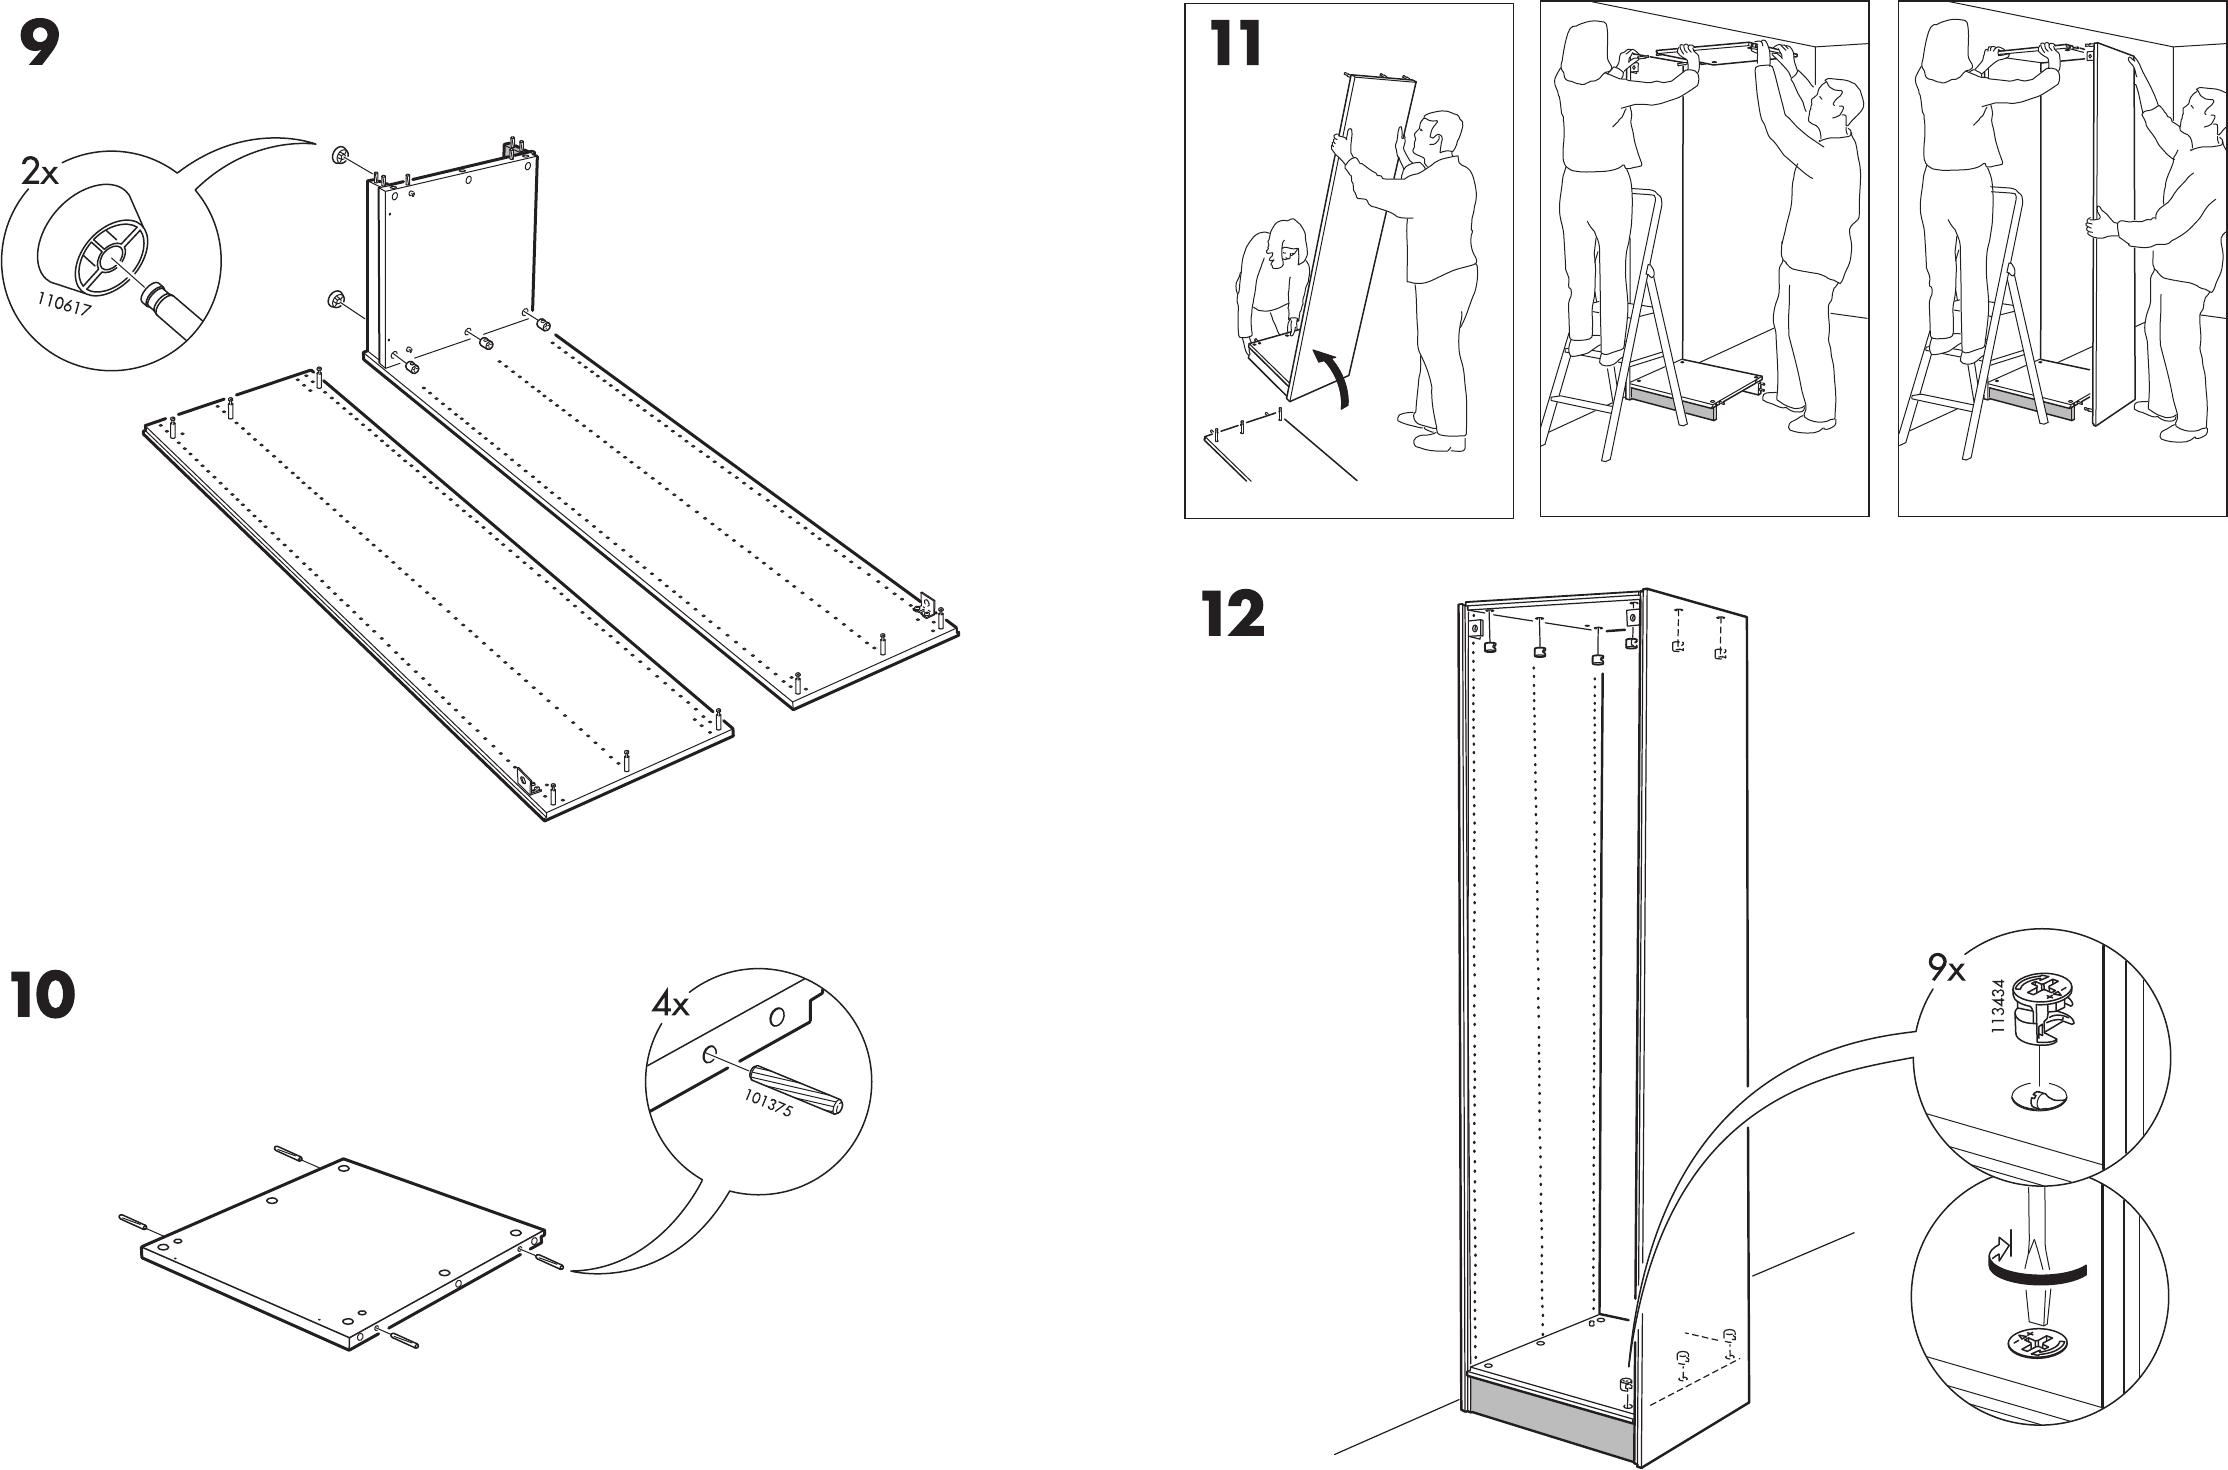 Handleiding Ikea Pax Garderobekast Pagina 12 Van 12 Dansk